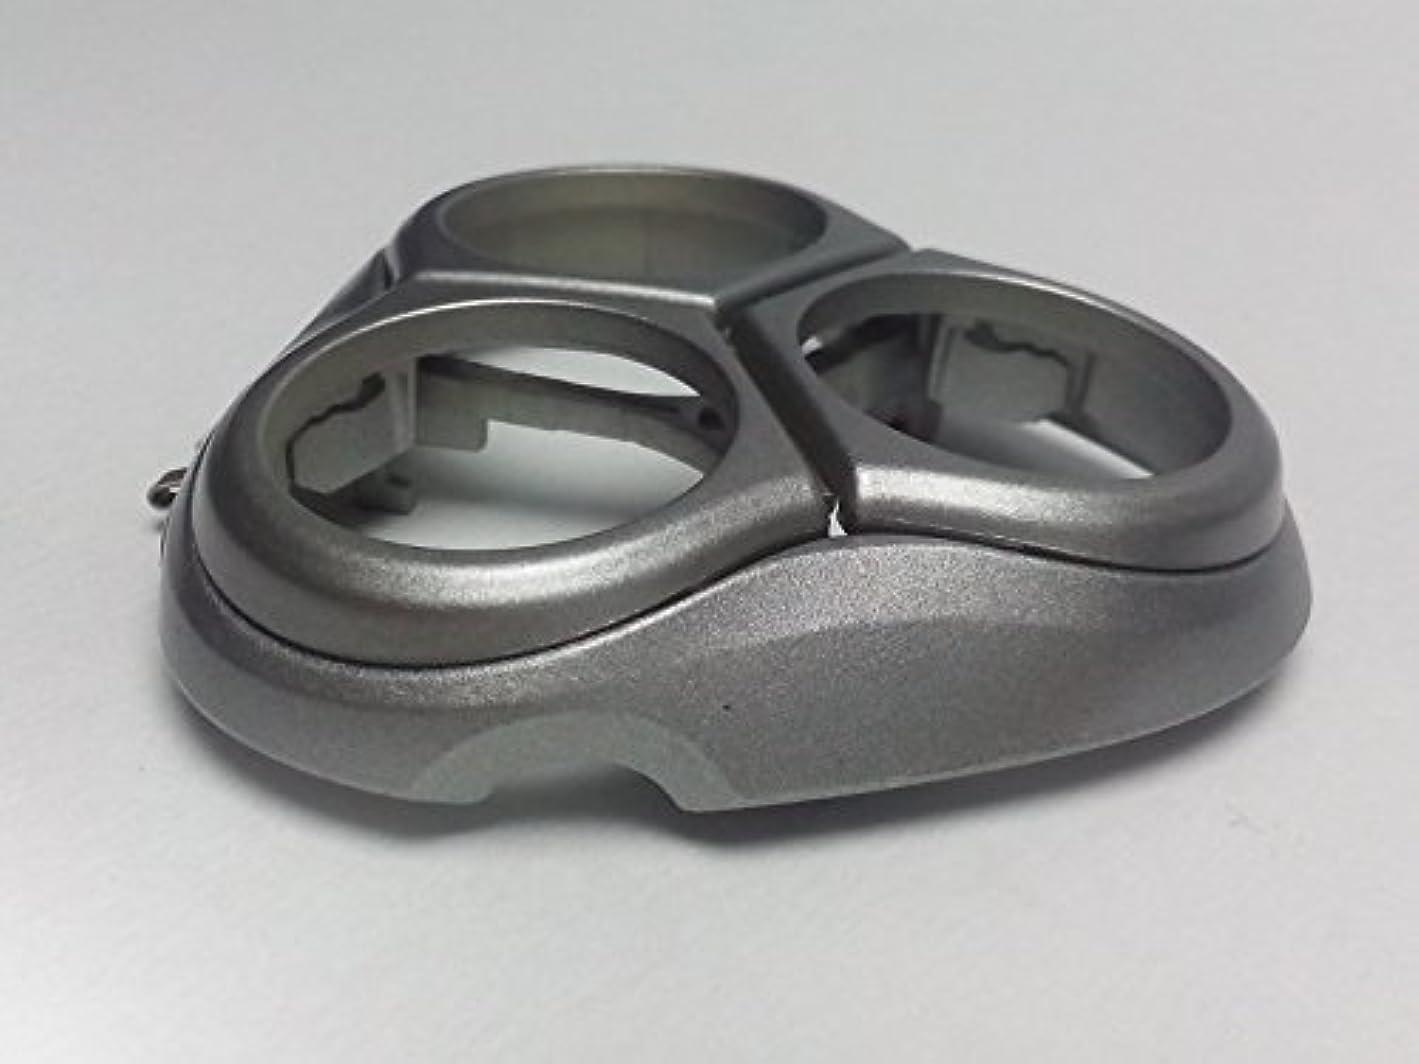 独立してマージ有効化シェービングカミソリヘッドフレームホルダーカバー フィリップス Philips Norelco HQ8200 HQ8230 HQ8261 HQ8241 HQ8251 Shaver Razor Head Frame Holder...